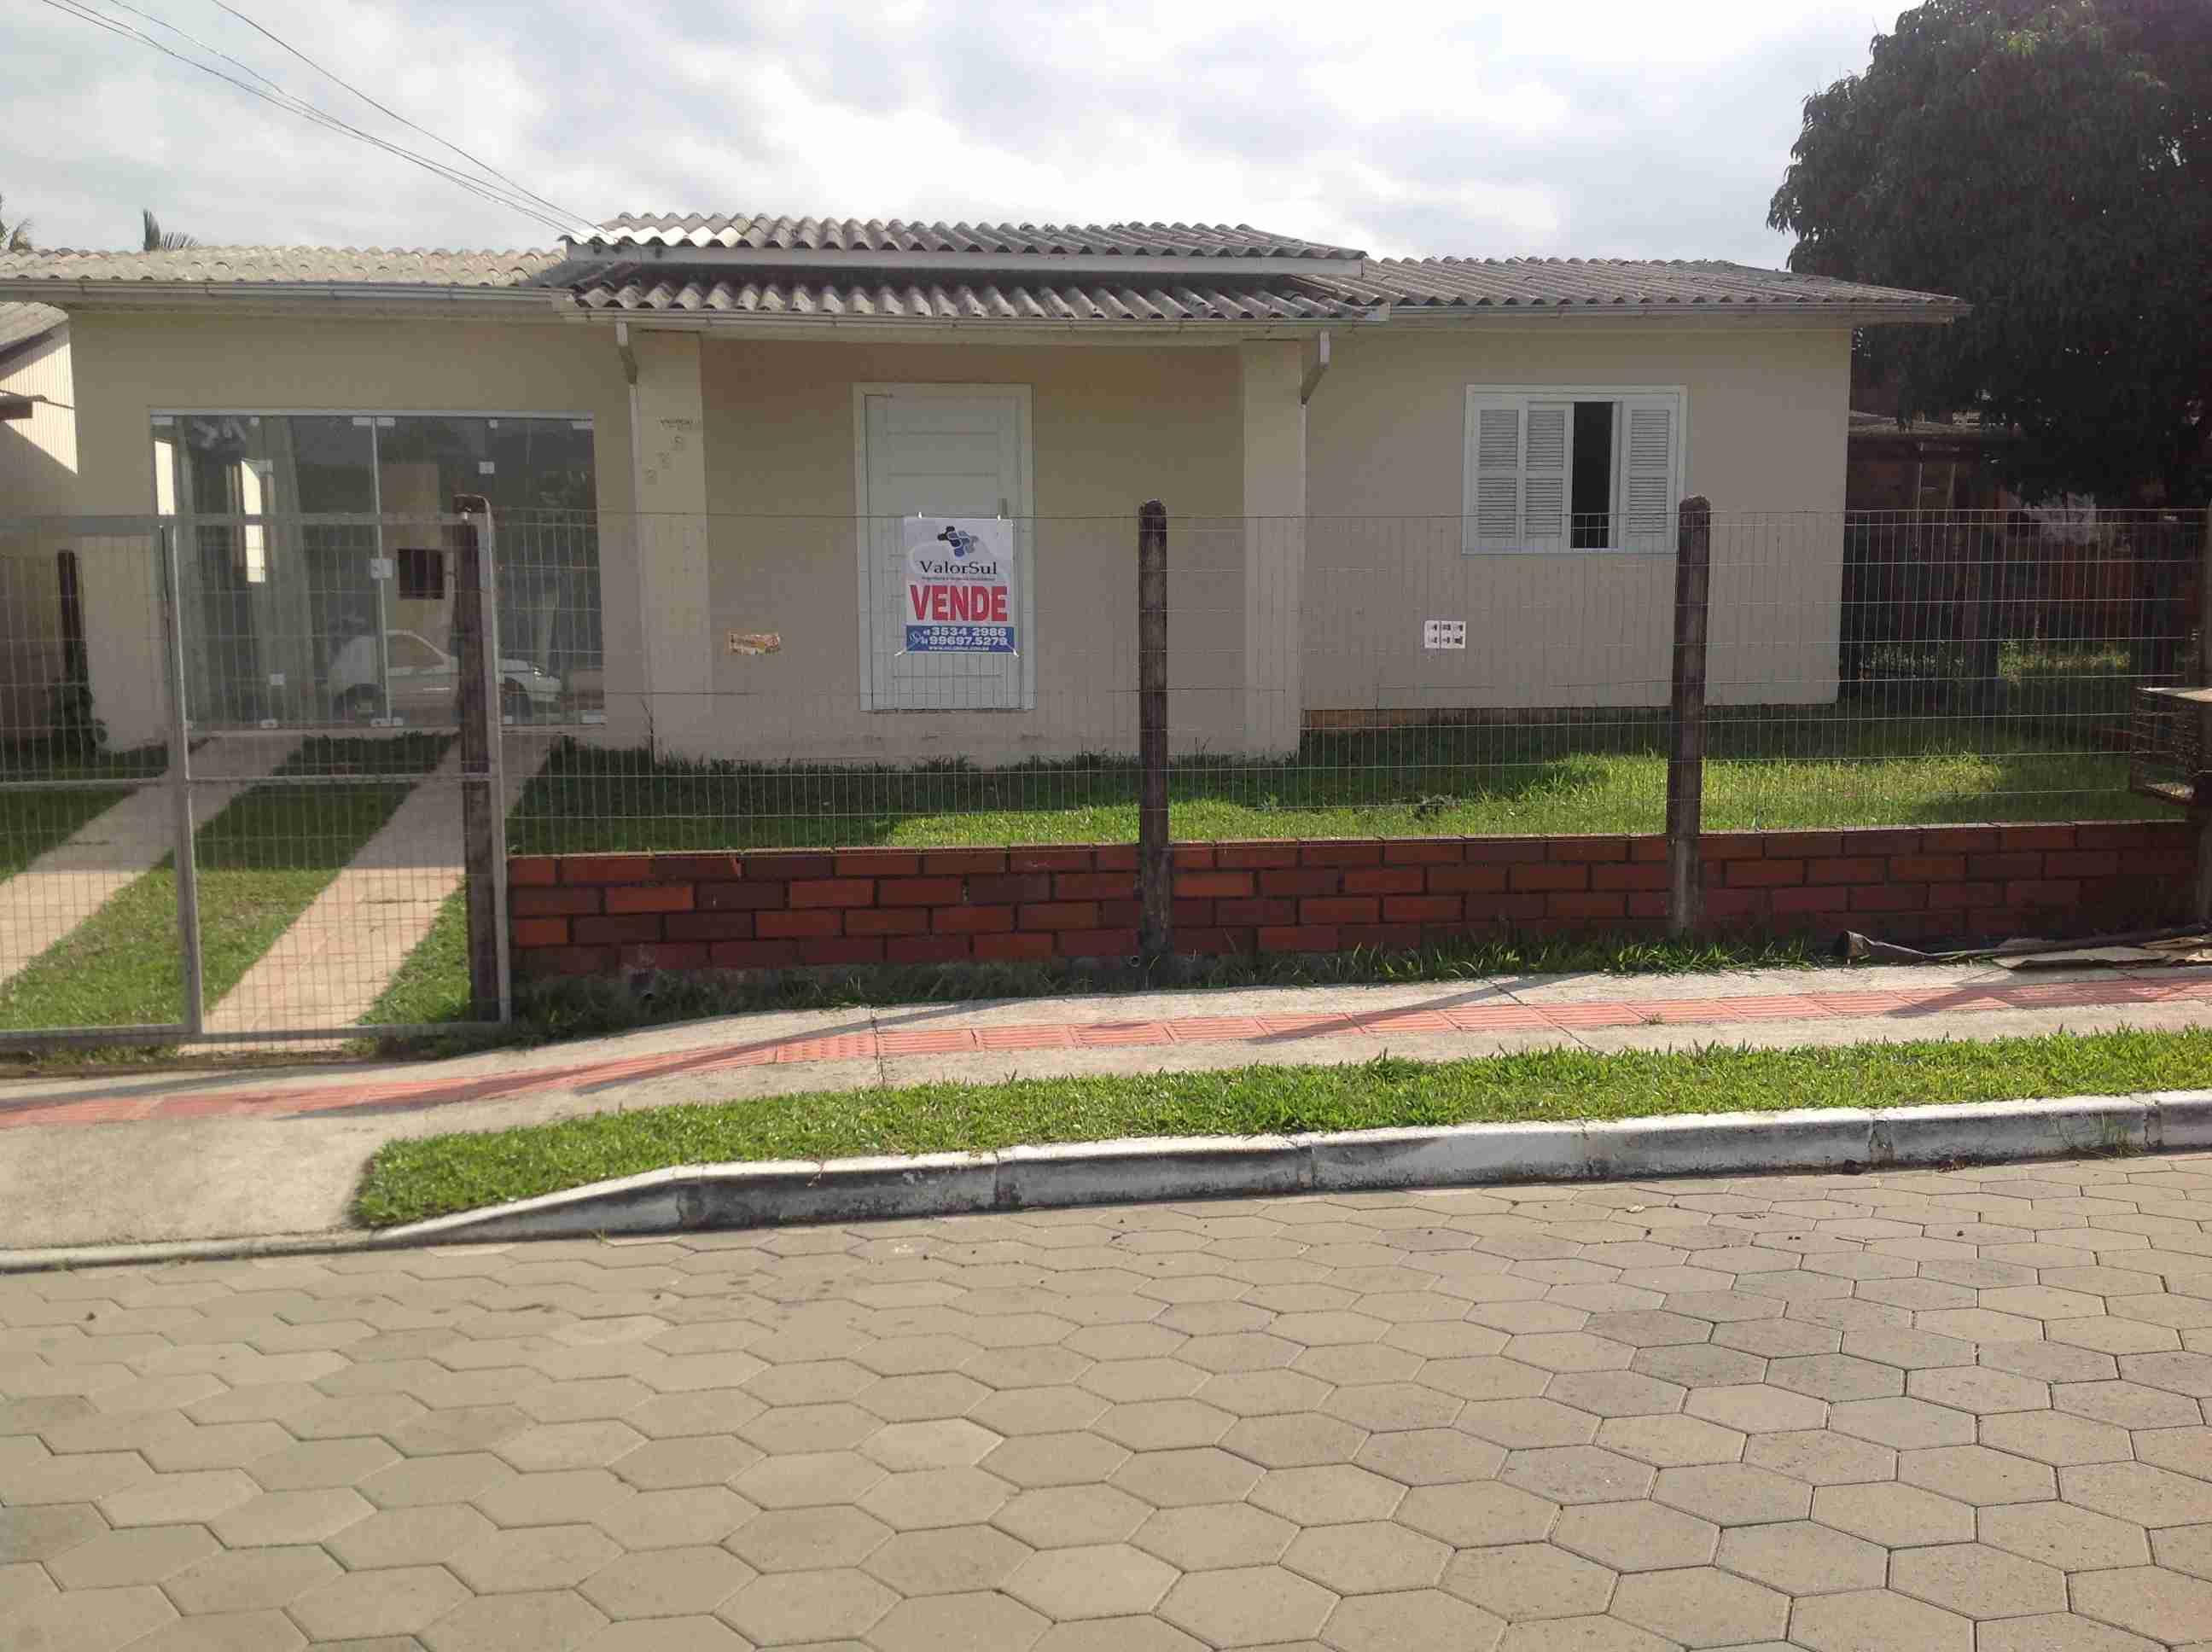 Imóvel (123) 01 casa 2 dormitórios,sala,cozinha,banheiro,área serviço,garagem,lote secado próximo ao centro.